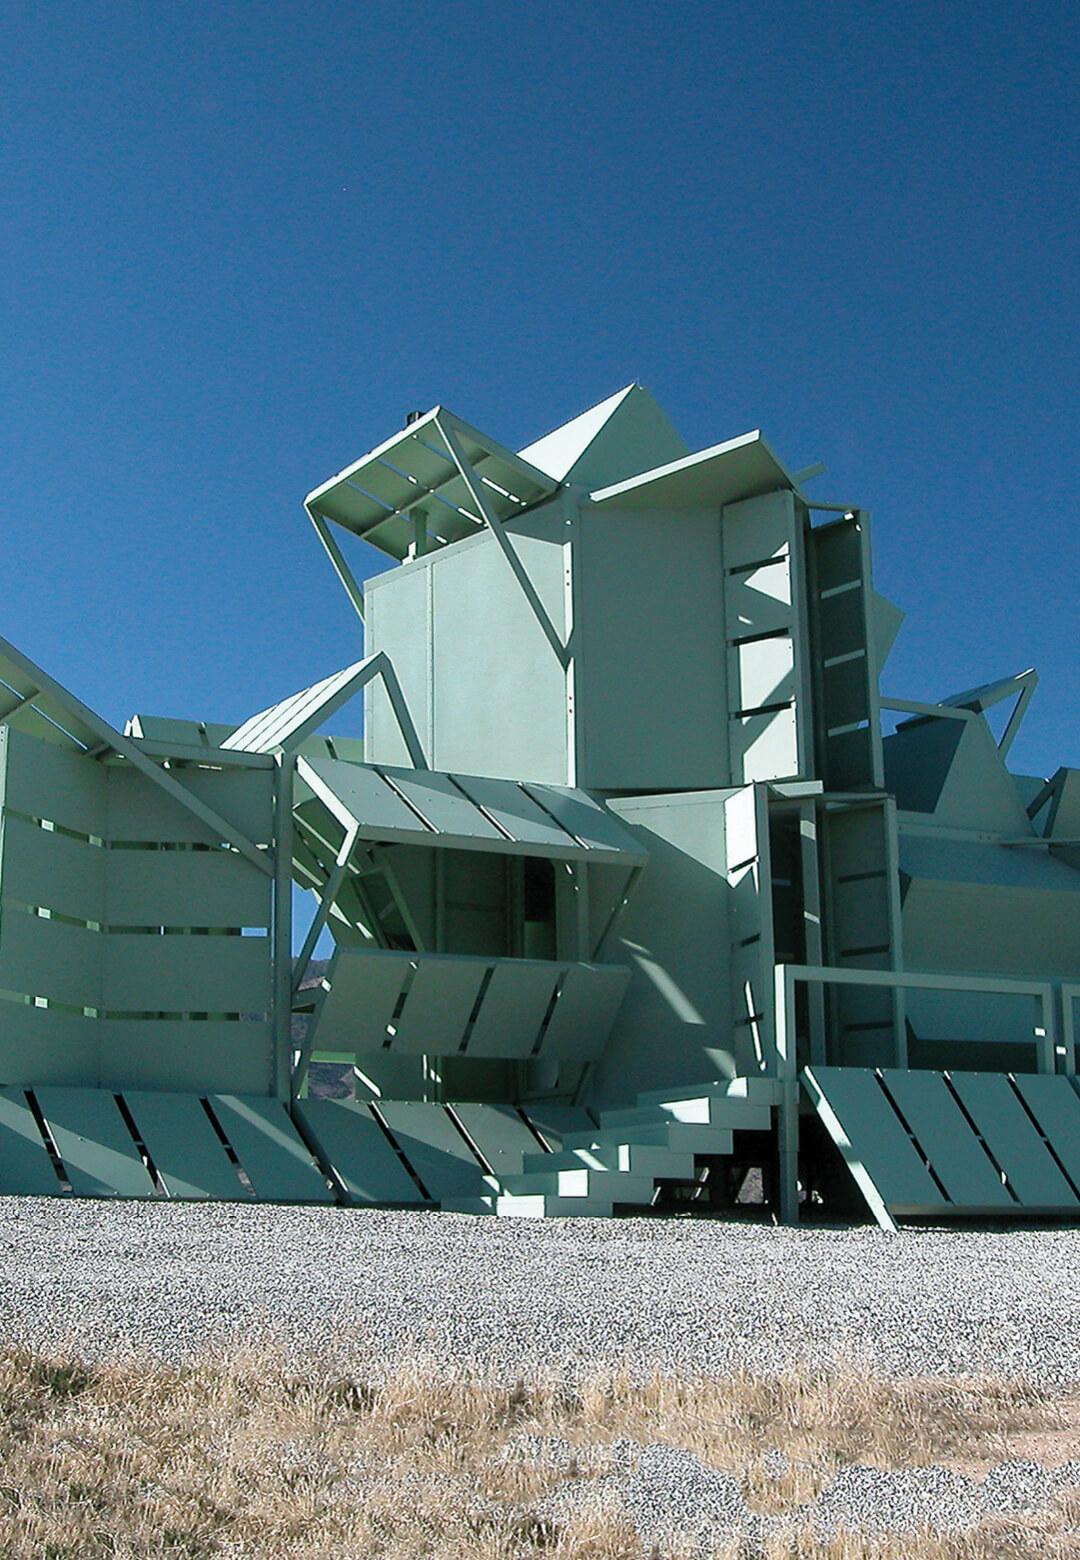 Michael Jantzen's M-House can be assembled into multiple configurations | M-House by Michael Jantzen | STIRworld